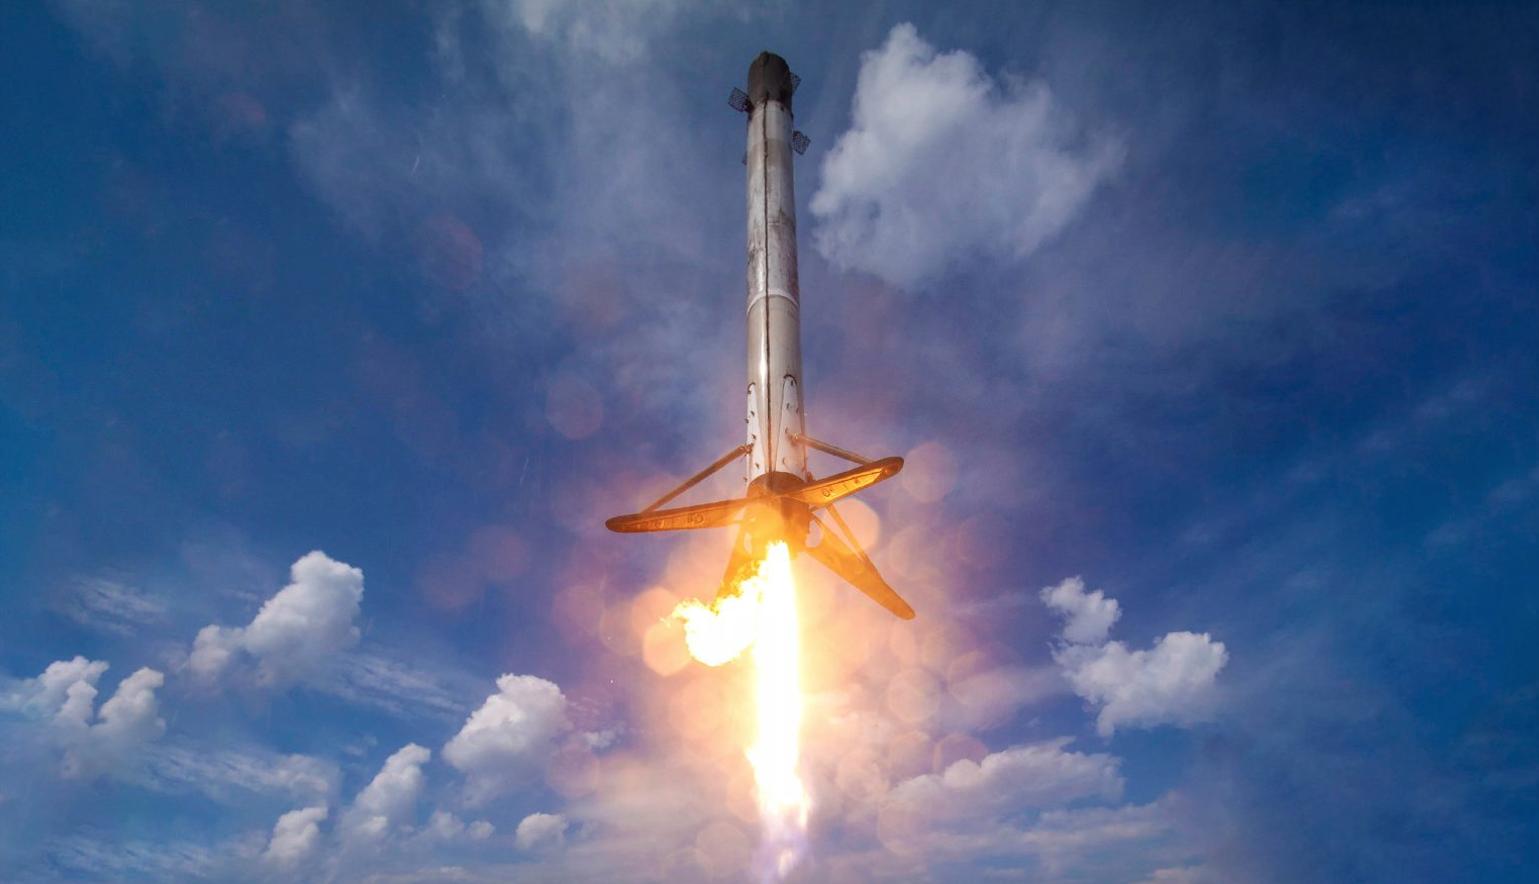 SpaceX asiste lanzamiento de Starlink y coloca en órbita su satélite número 1500